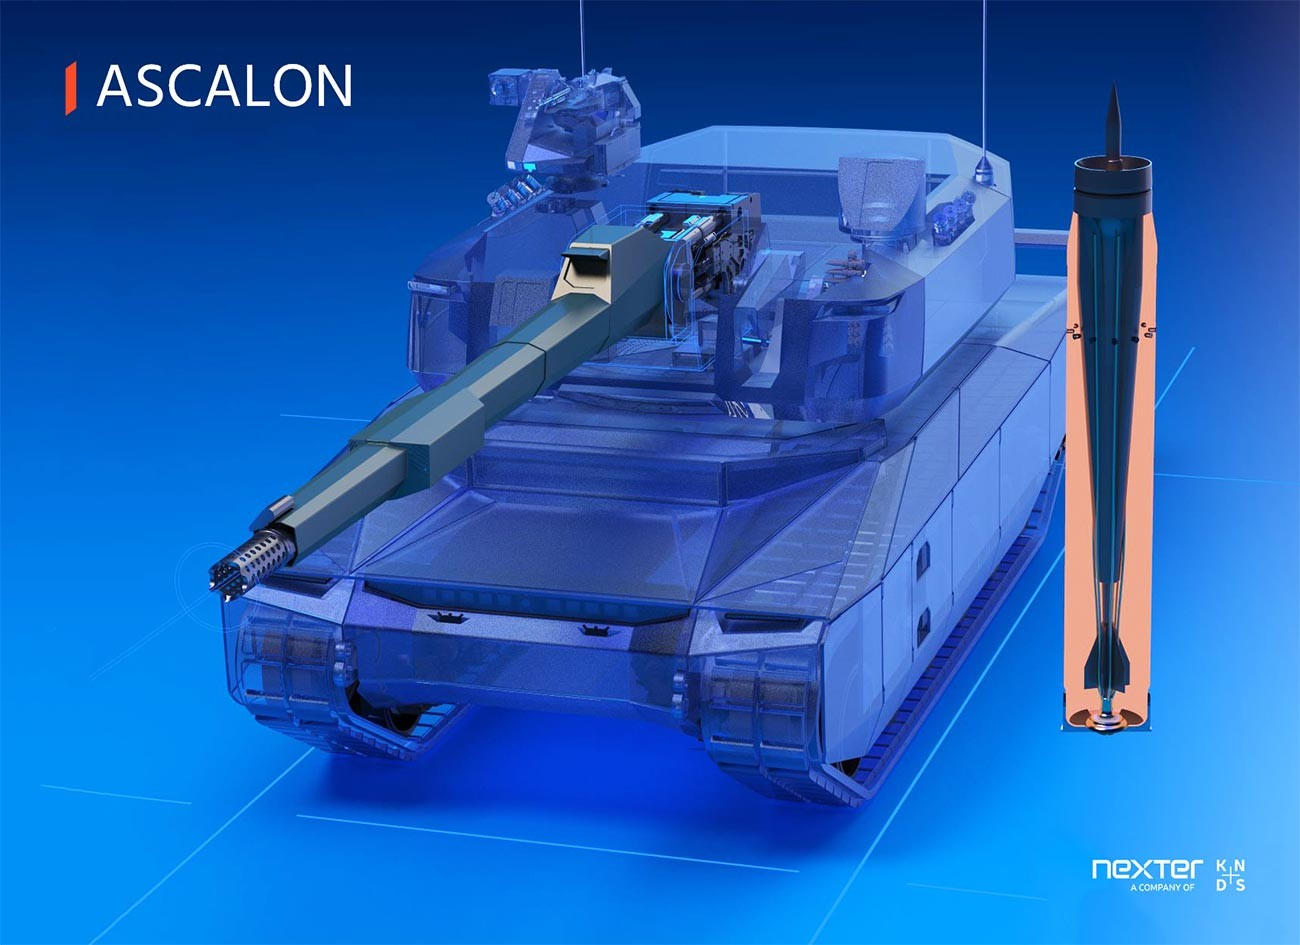 Възможен външен вид на френското перспективно танково оръдие от нов тип Nexter ASCALON